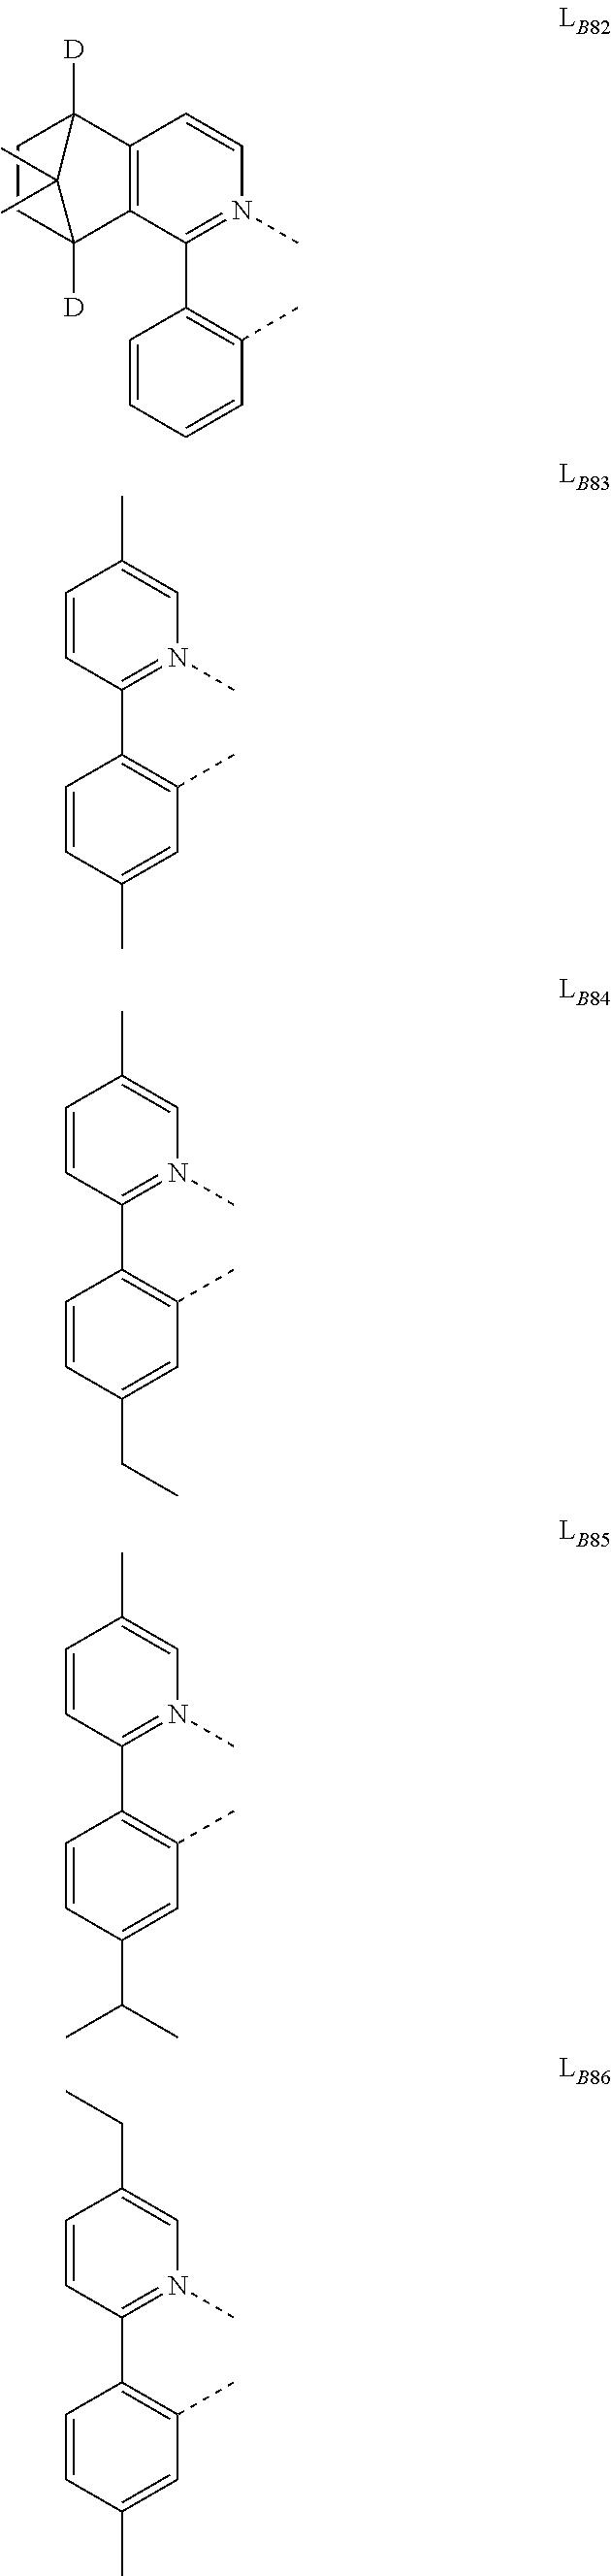 Figure US20180130962A1-20180510-C00081